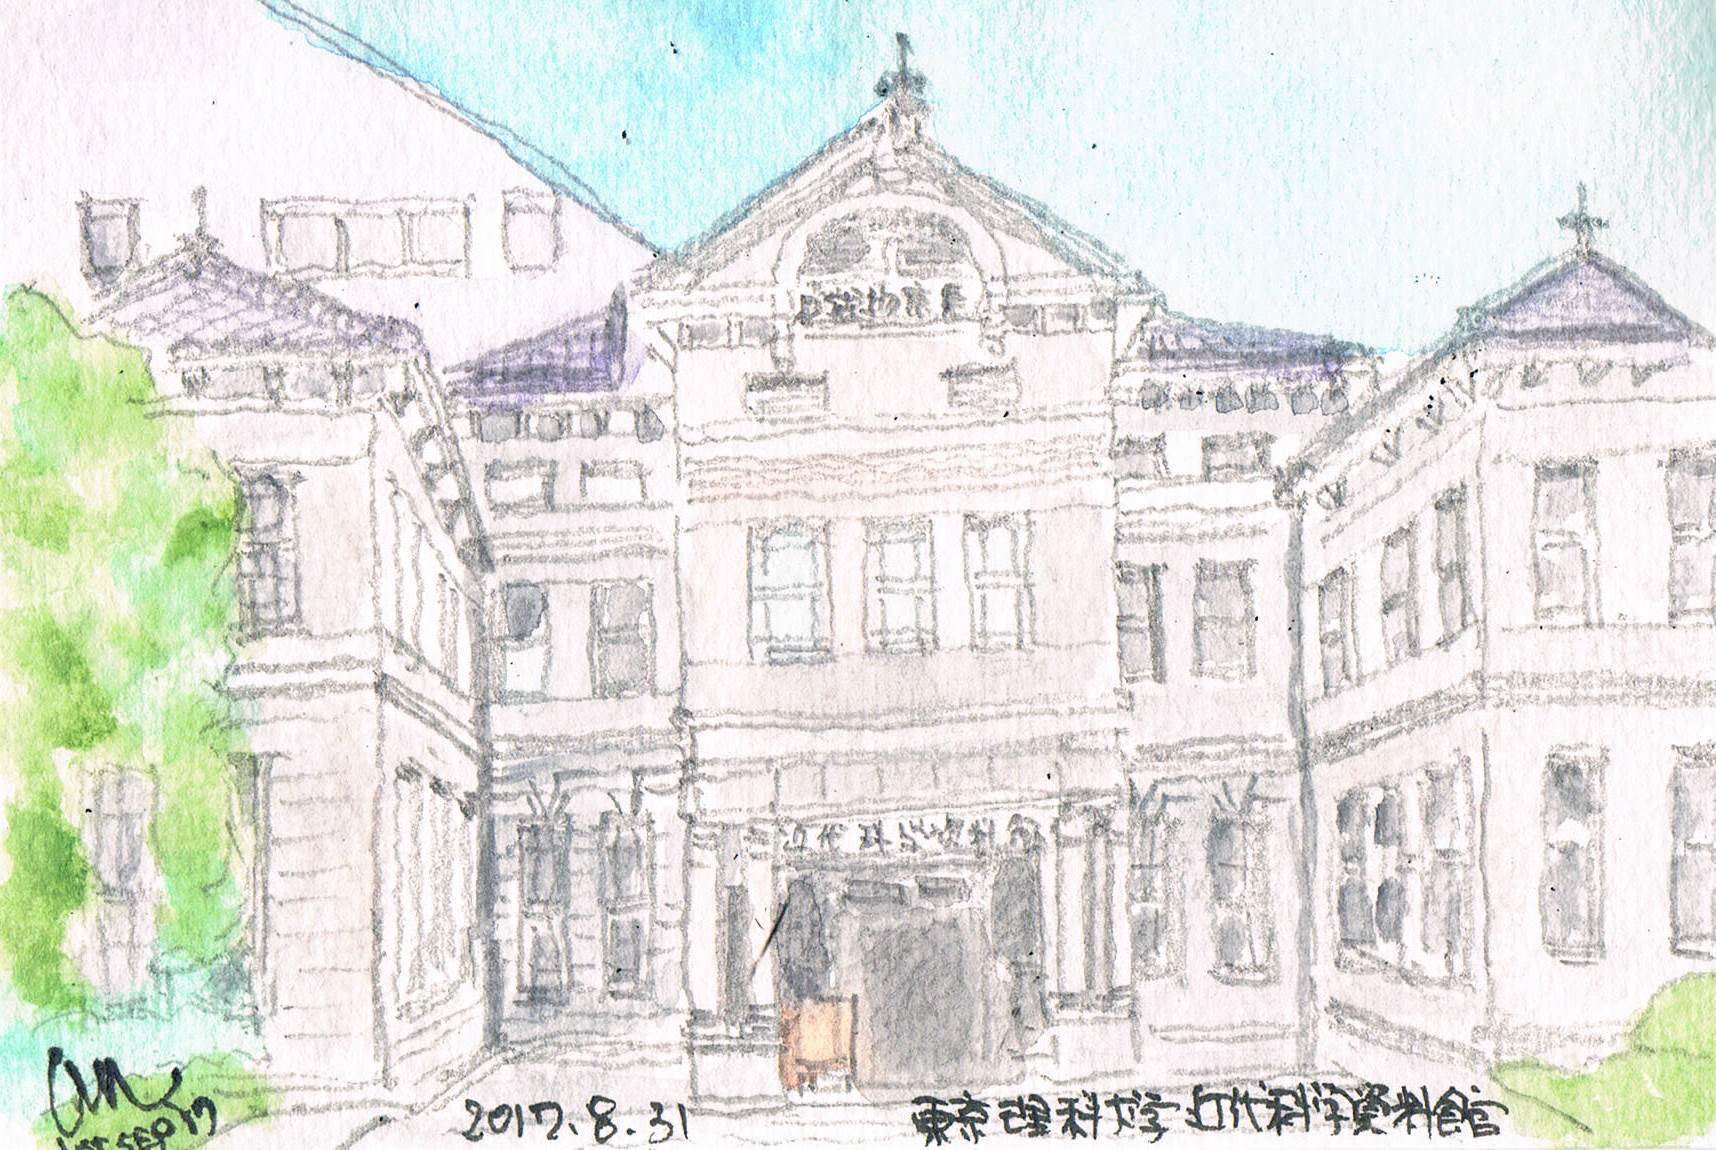 東京理科大学・近代科学資料館_e0232277_21523308.jpg